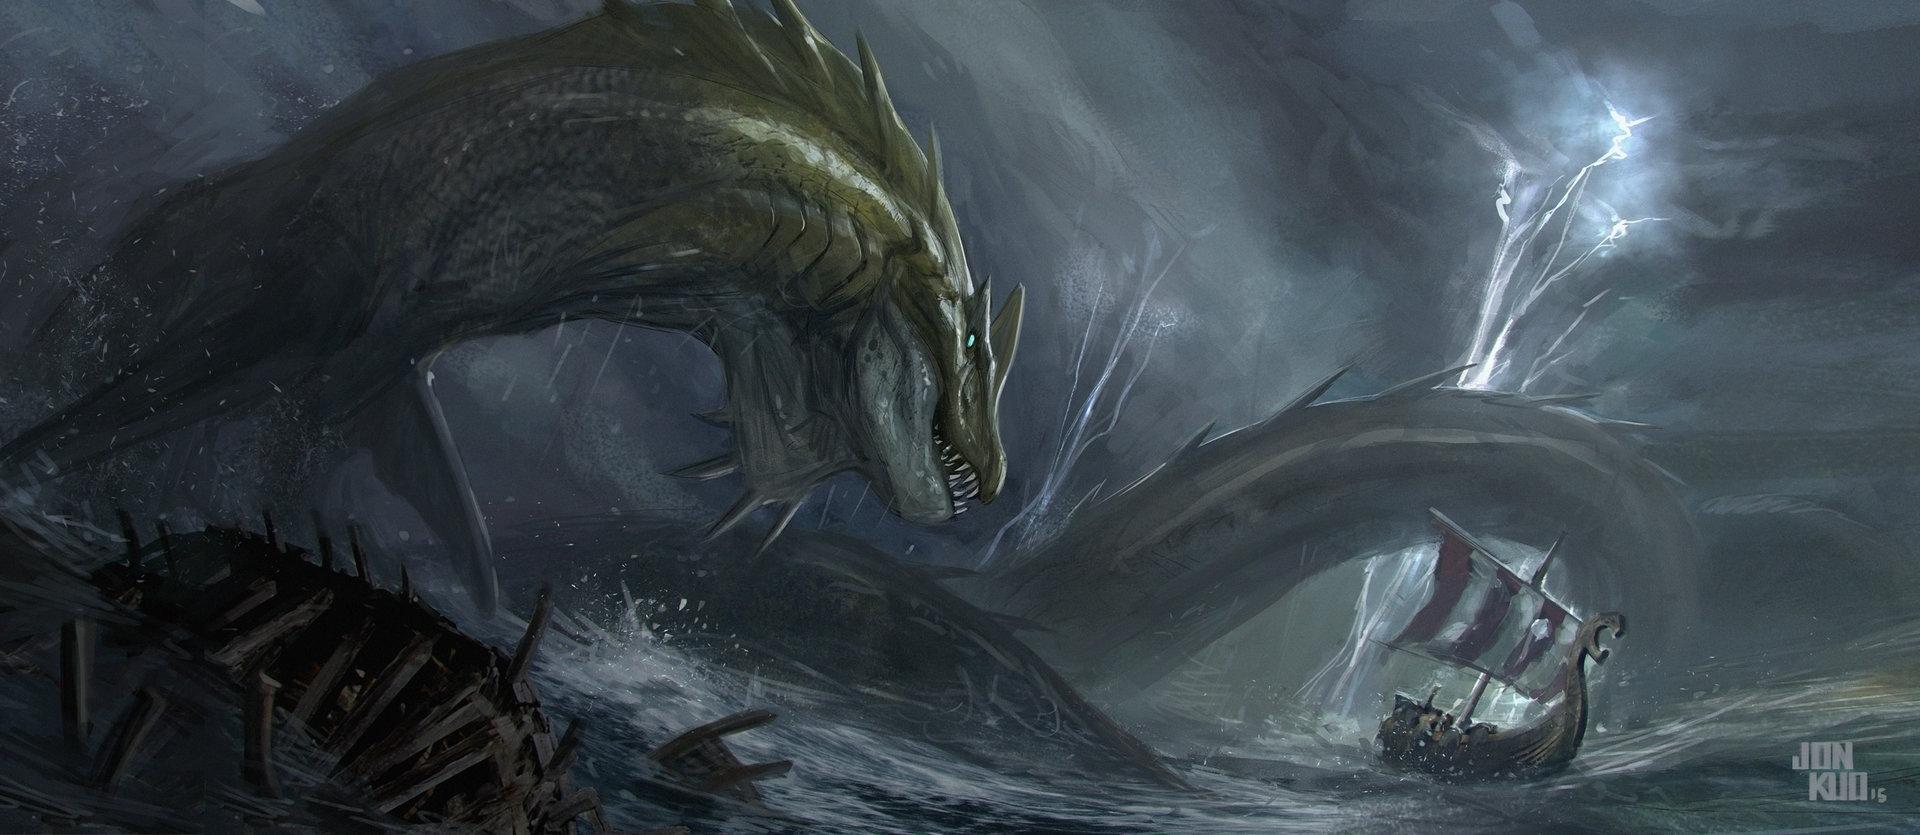 Jonathan kuo sea monster